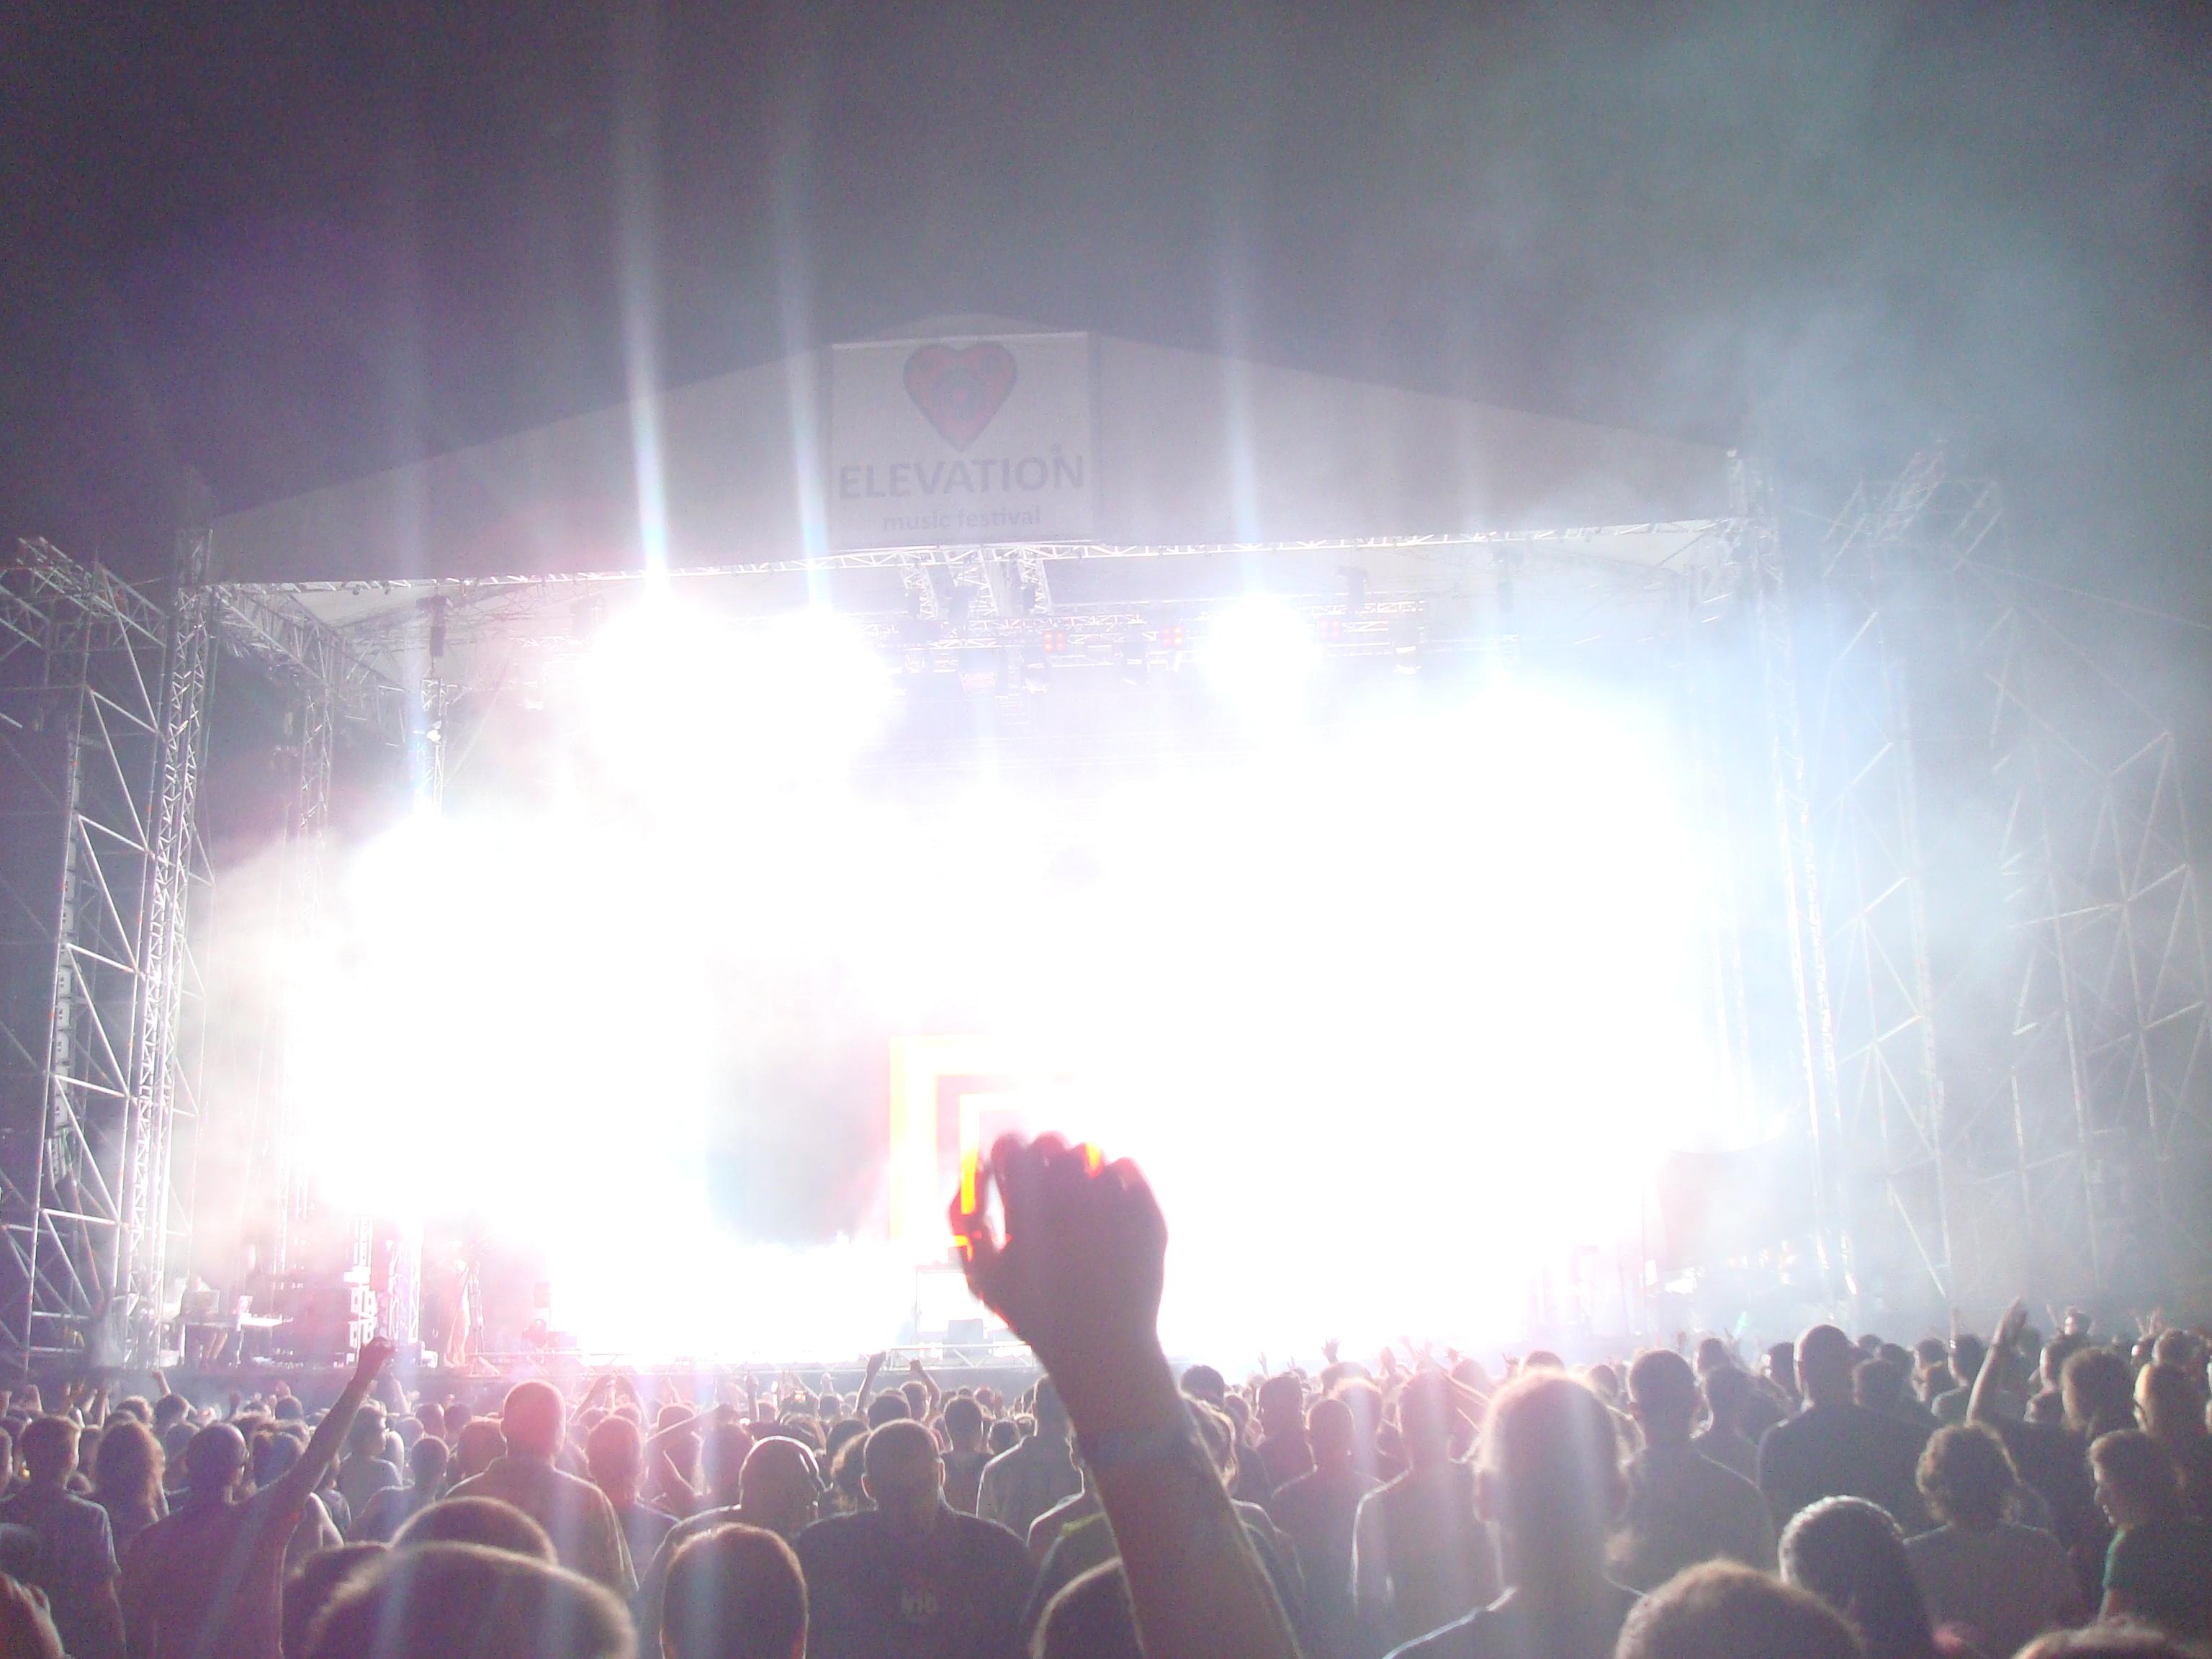 stockvault-concert-crowd141291